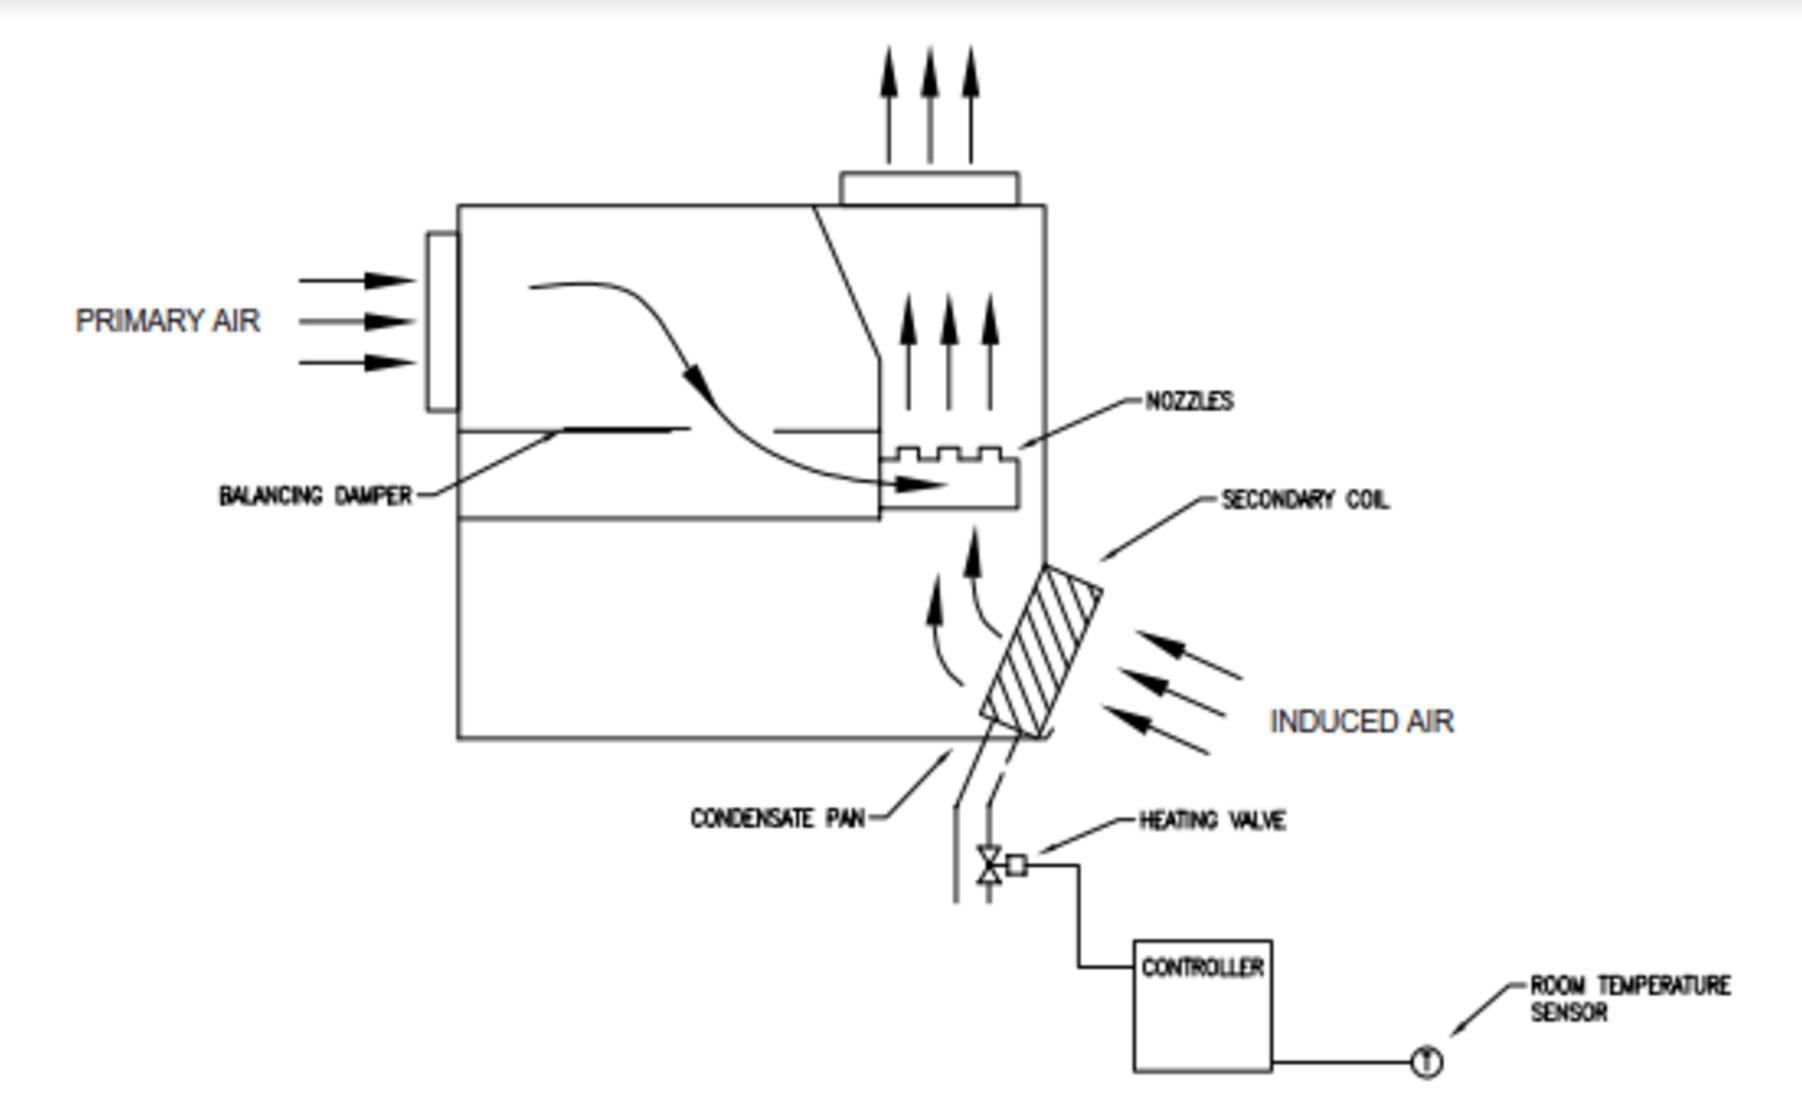 medium resolution of figure 3 perimeter induction terminal diagram